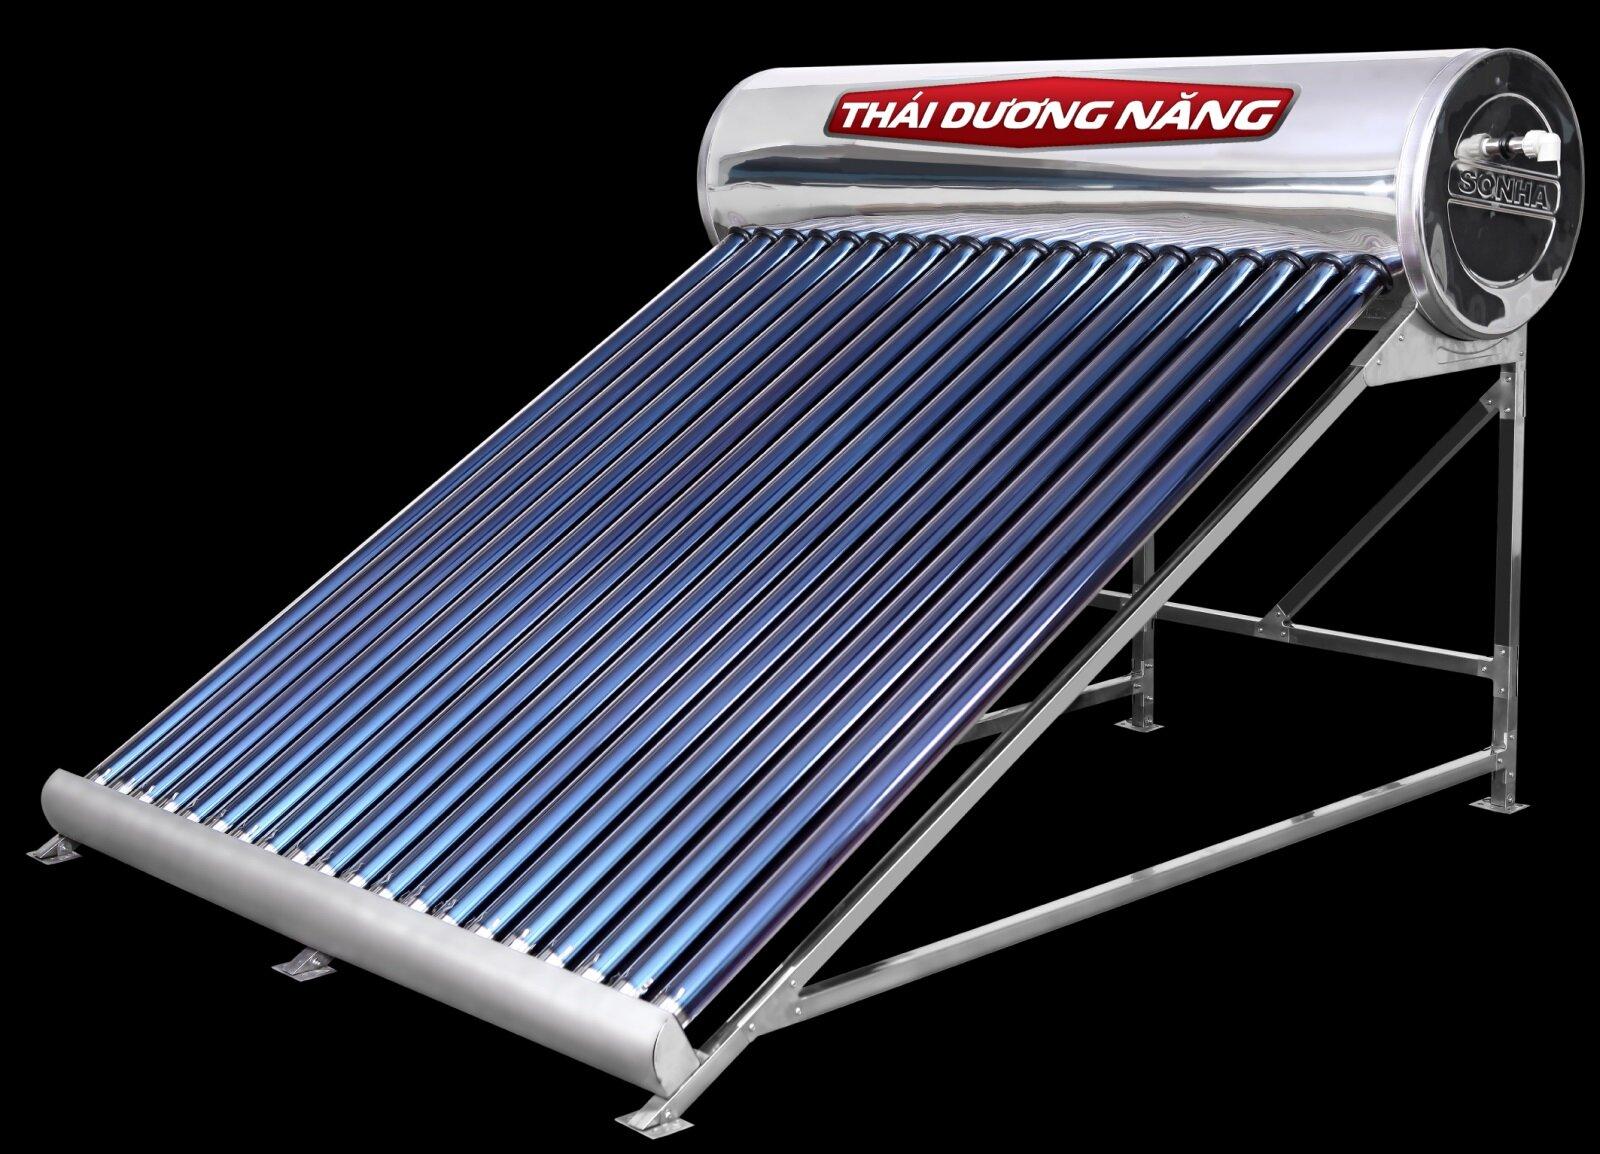 Máy nước nóng sử dụng năng lượng mặt trời